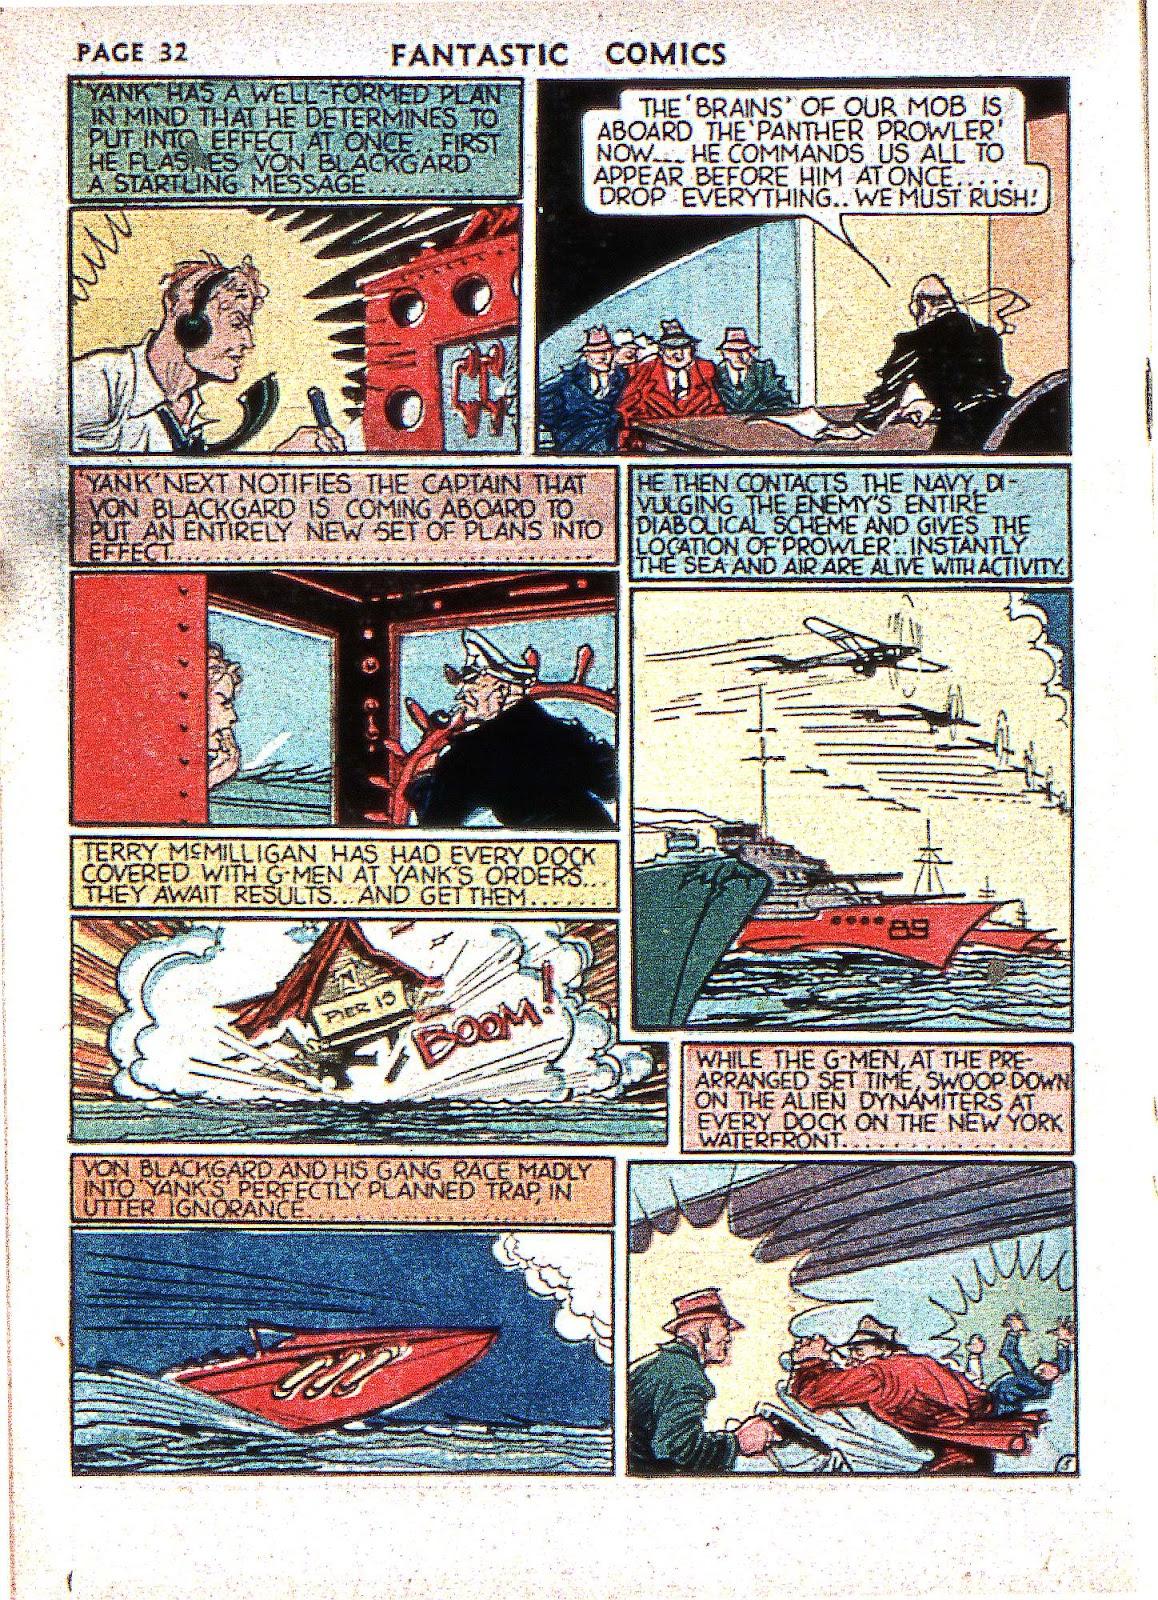 Read online Fantastic Comics comic -  Issue #2 - 34